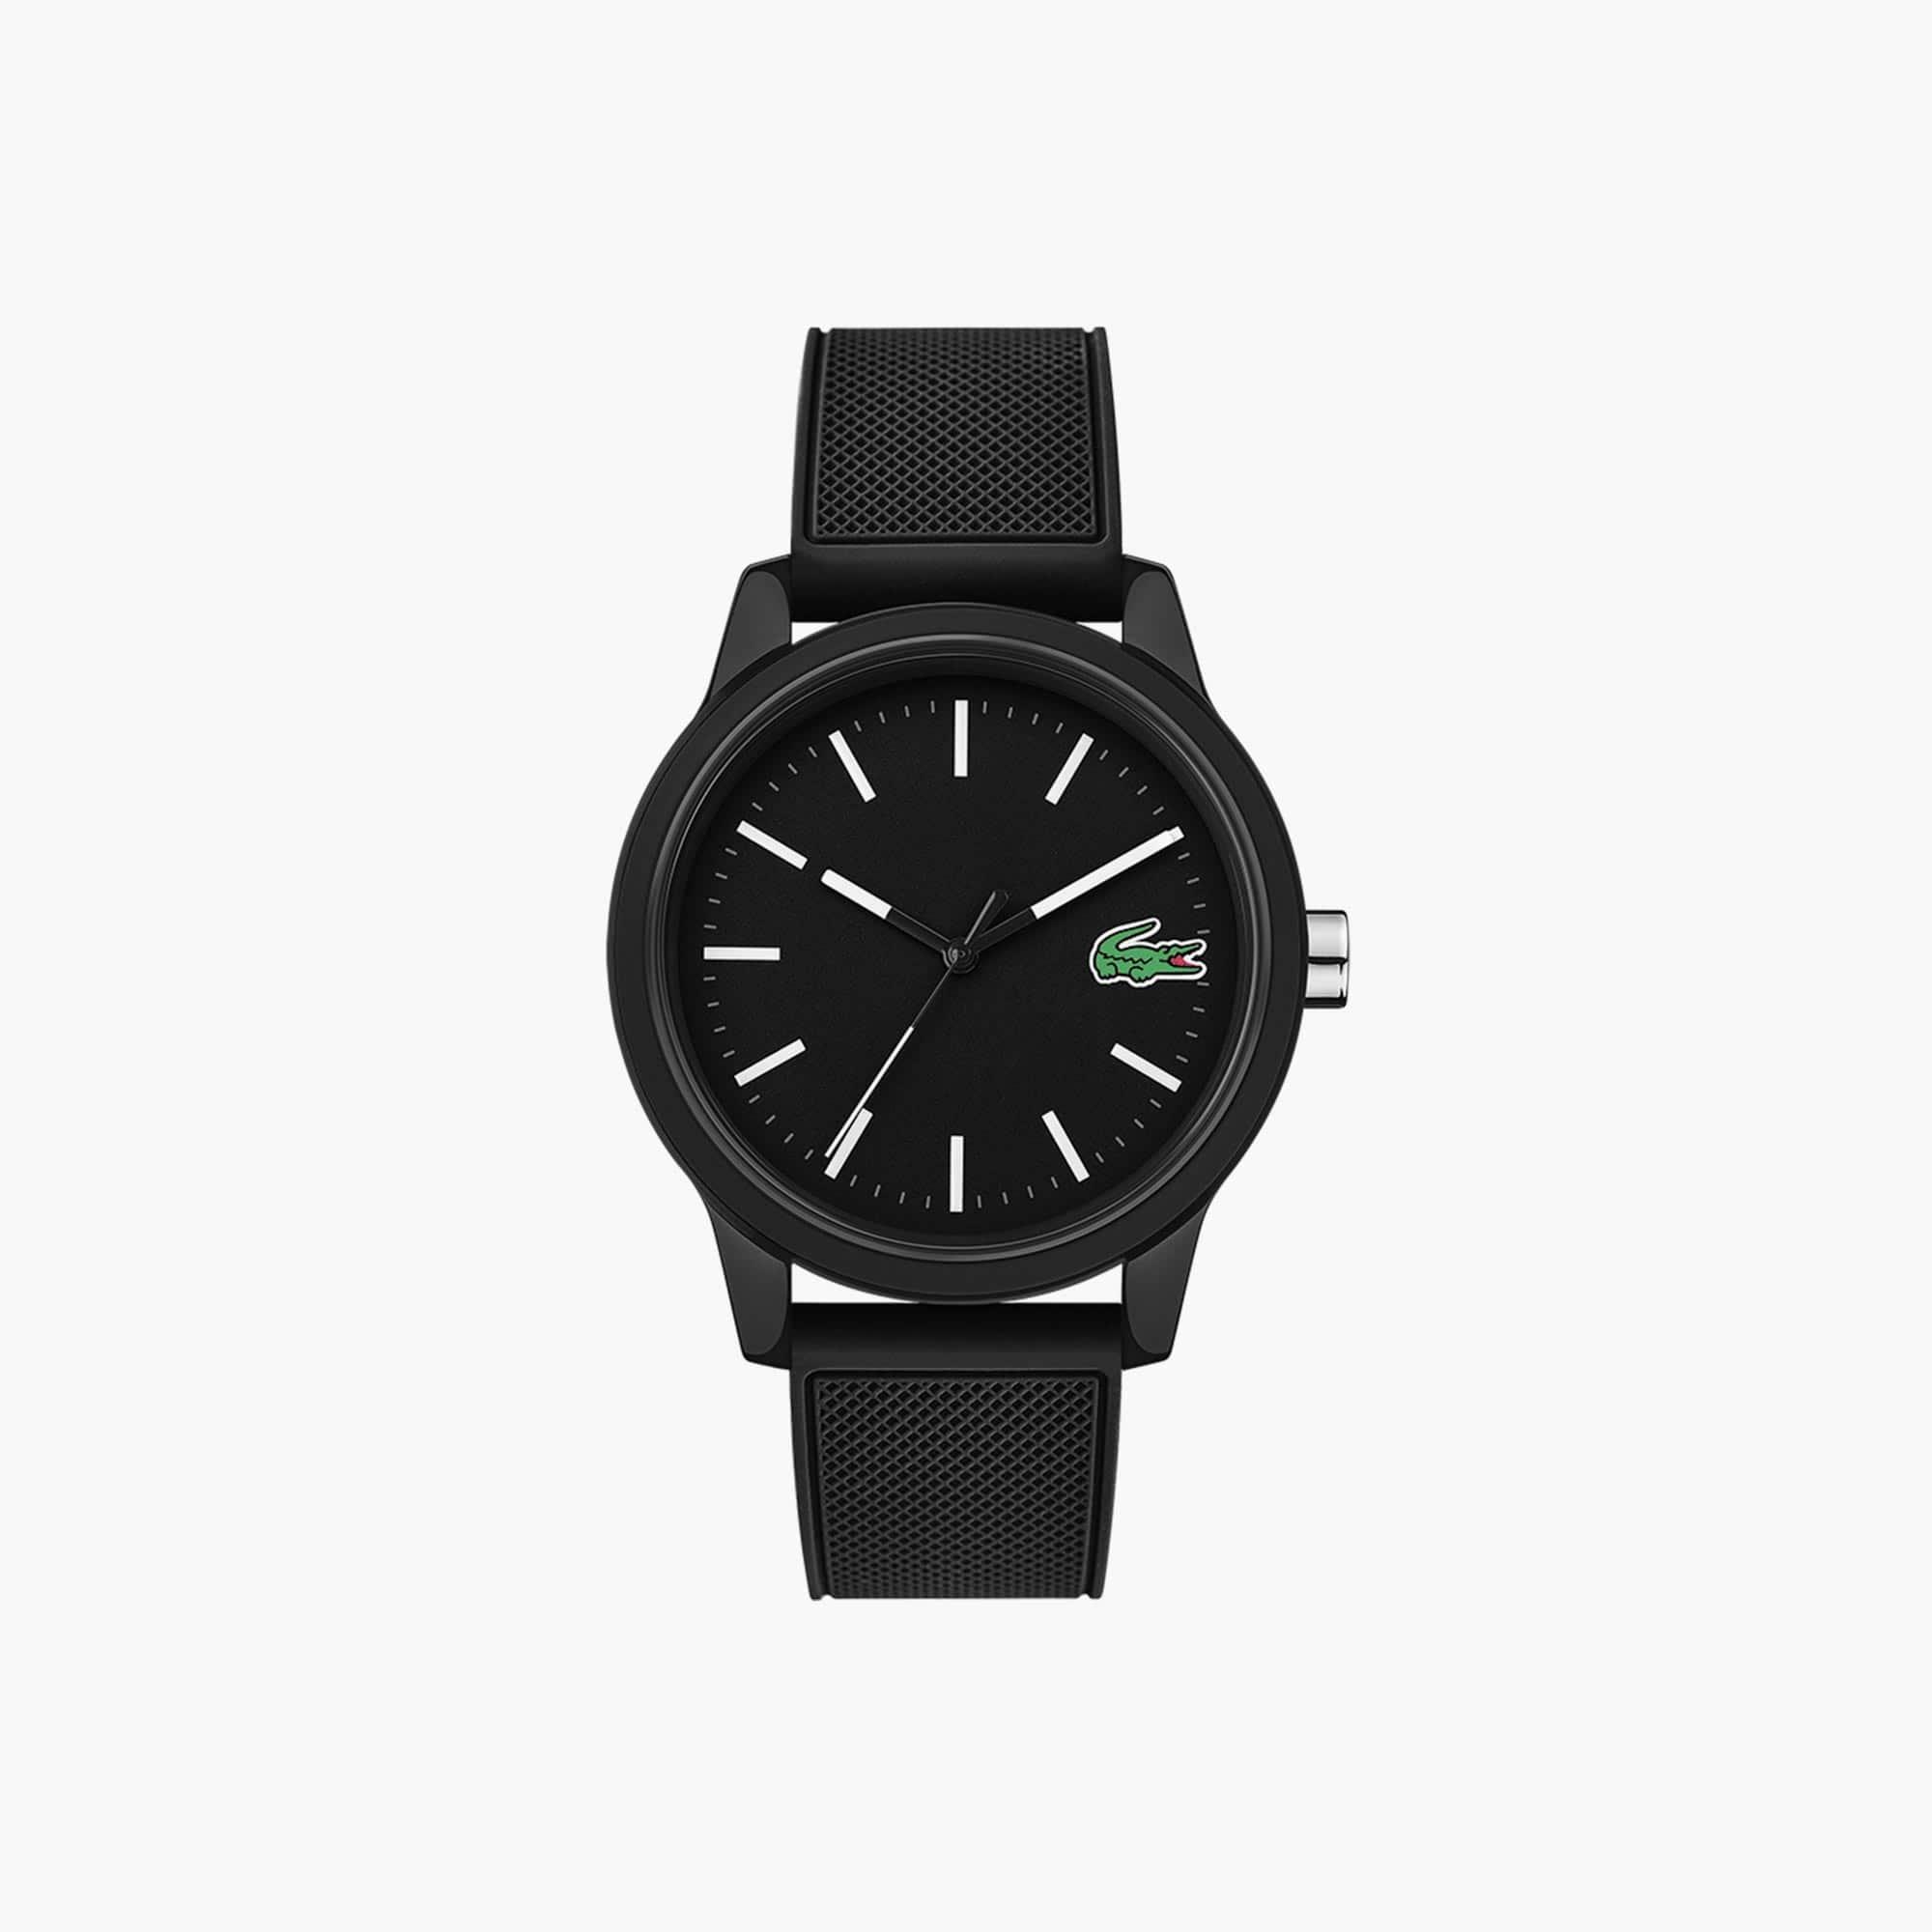 Montre Lacoste12.12 Homme avec Bracelet Noir en Silicone